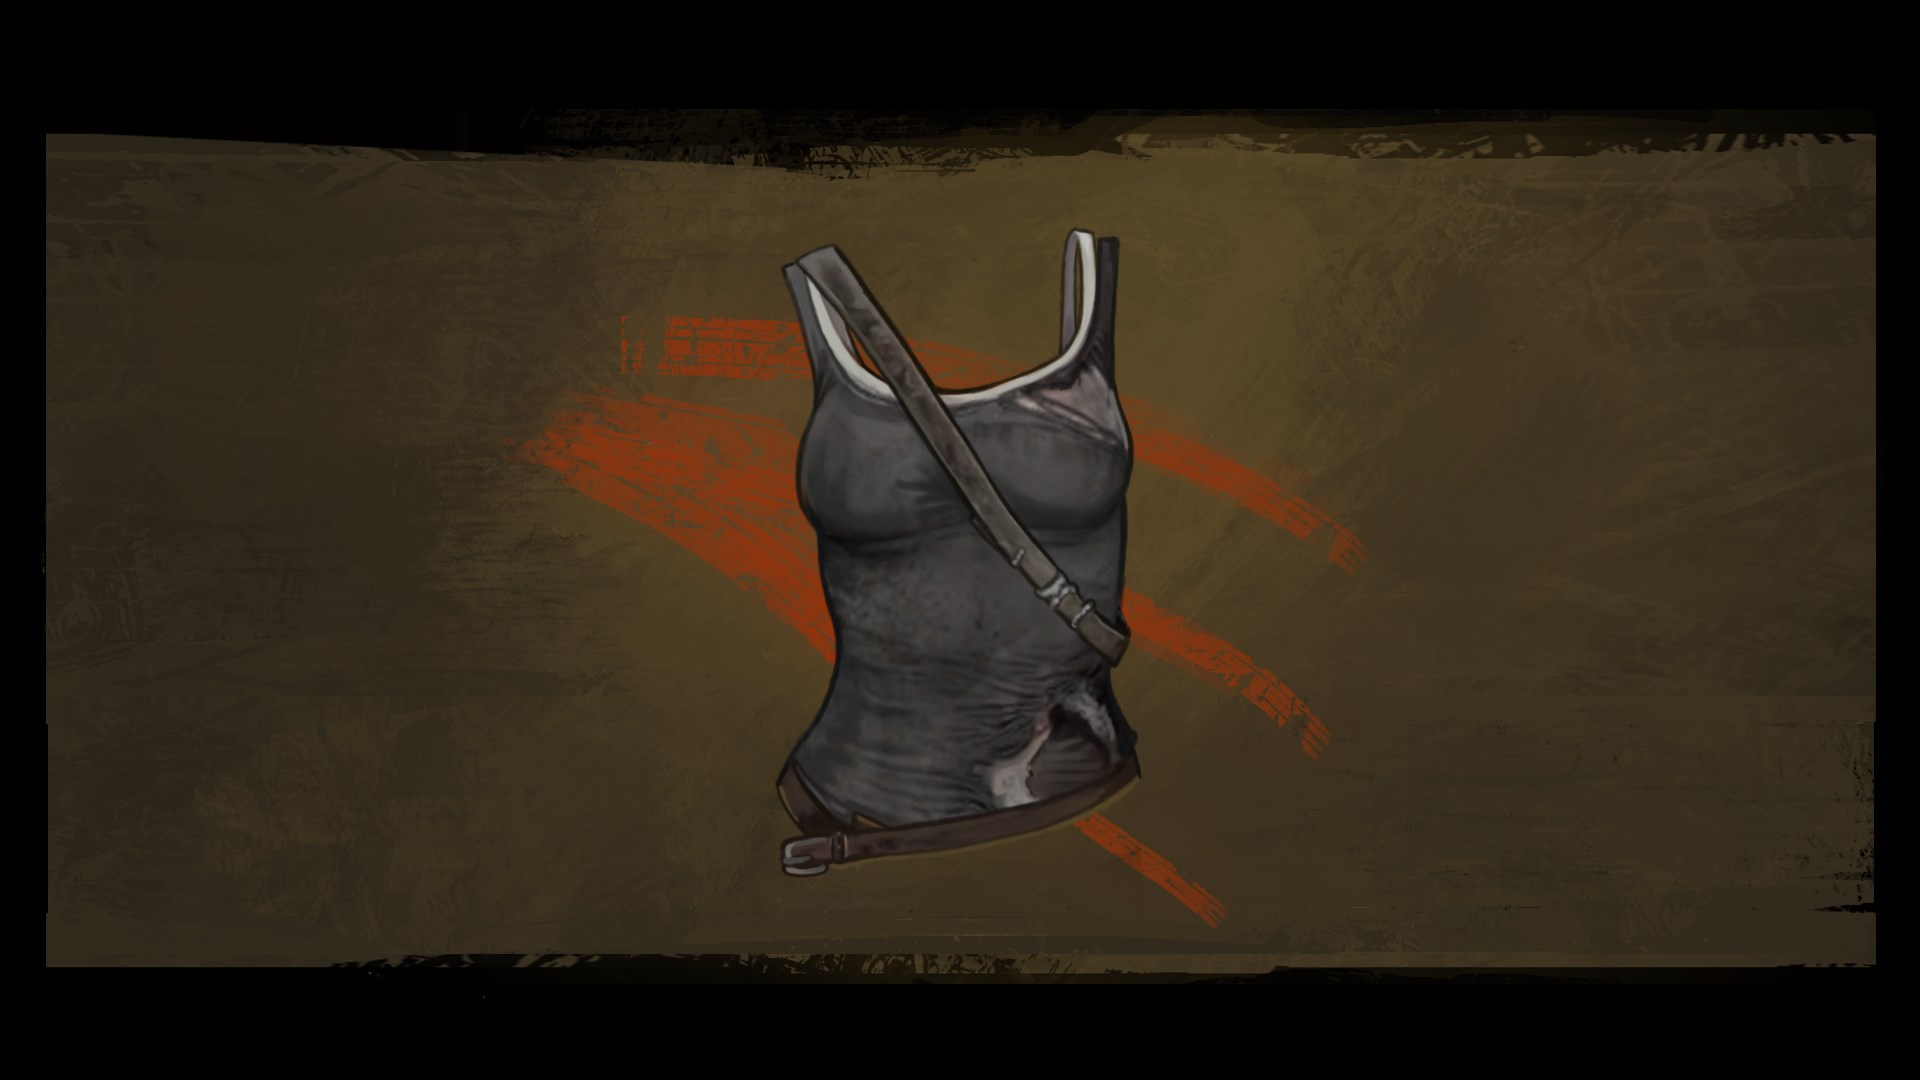 Contenido exclusivo del pase de temporada de Lara Croft and the Temple of Osiris